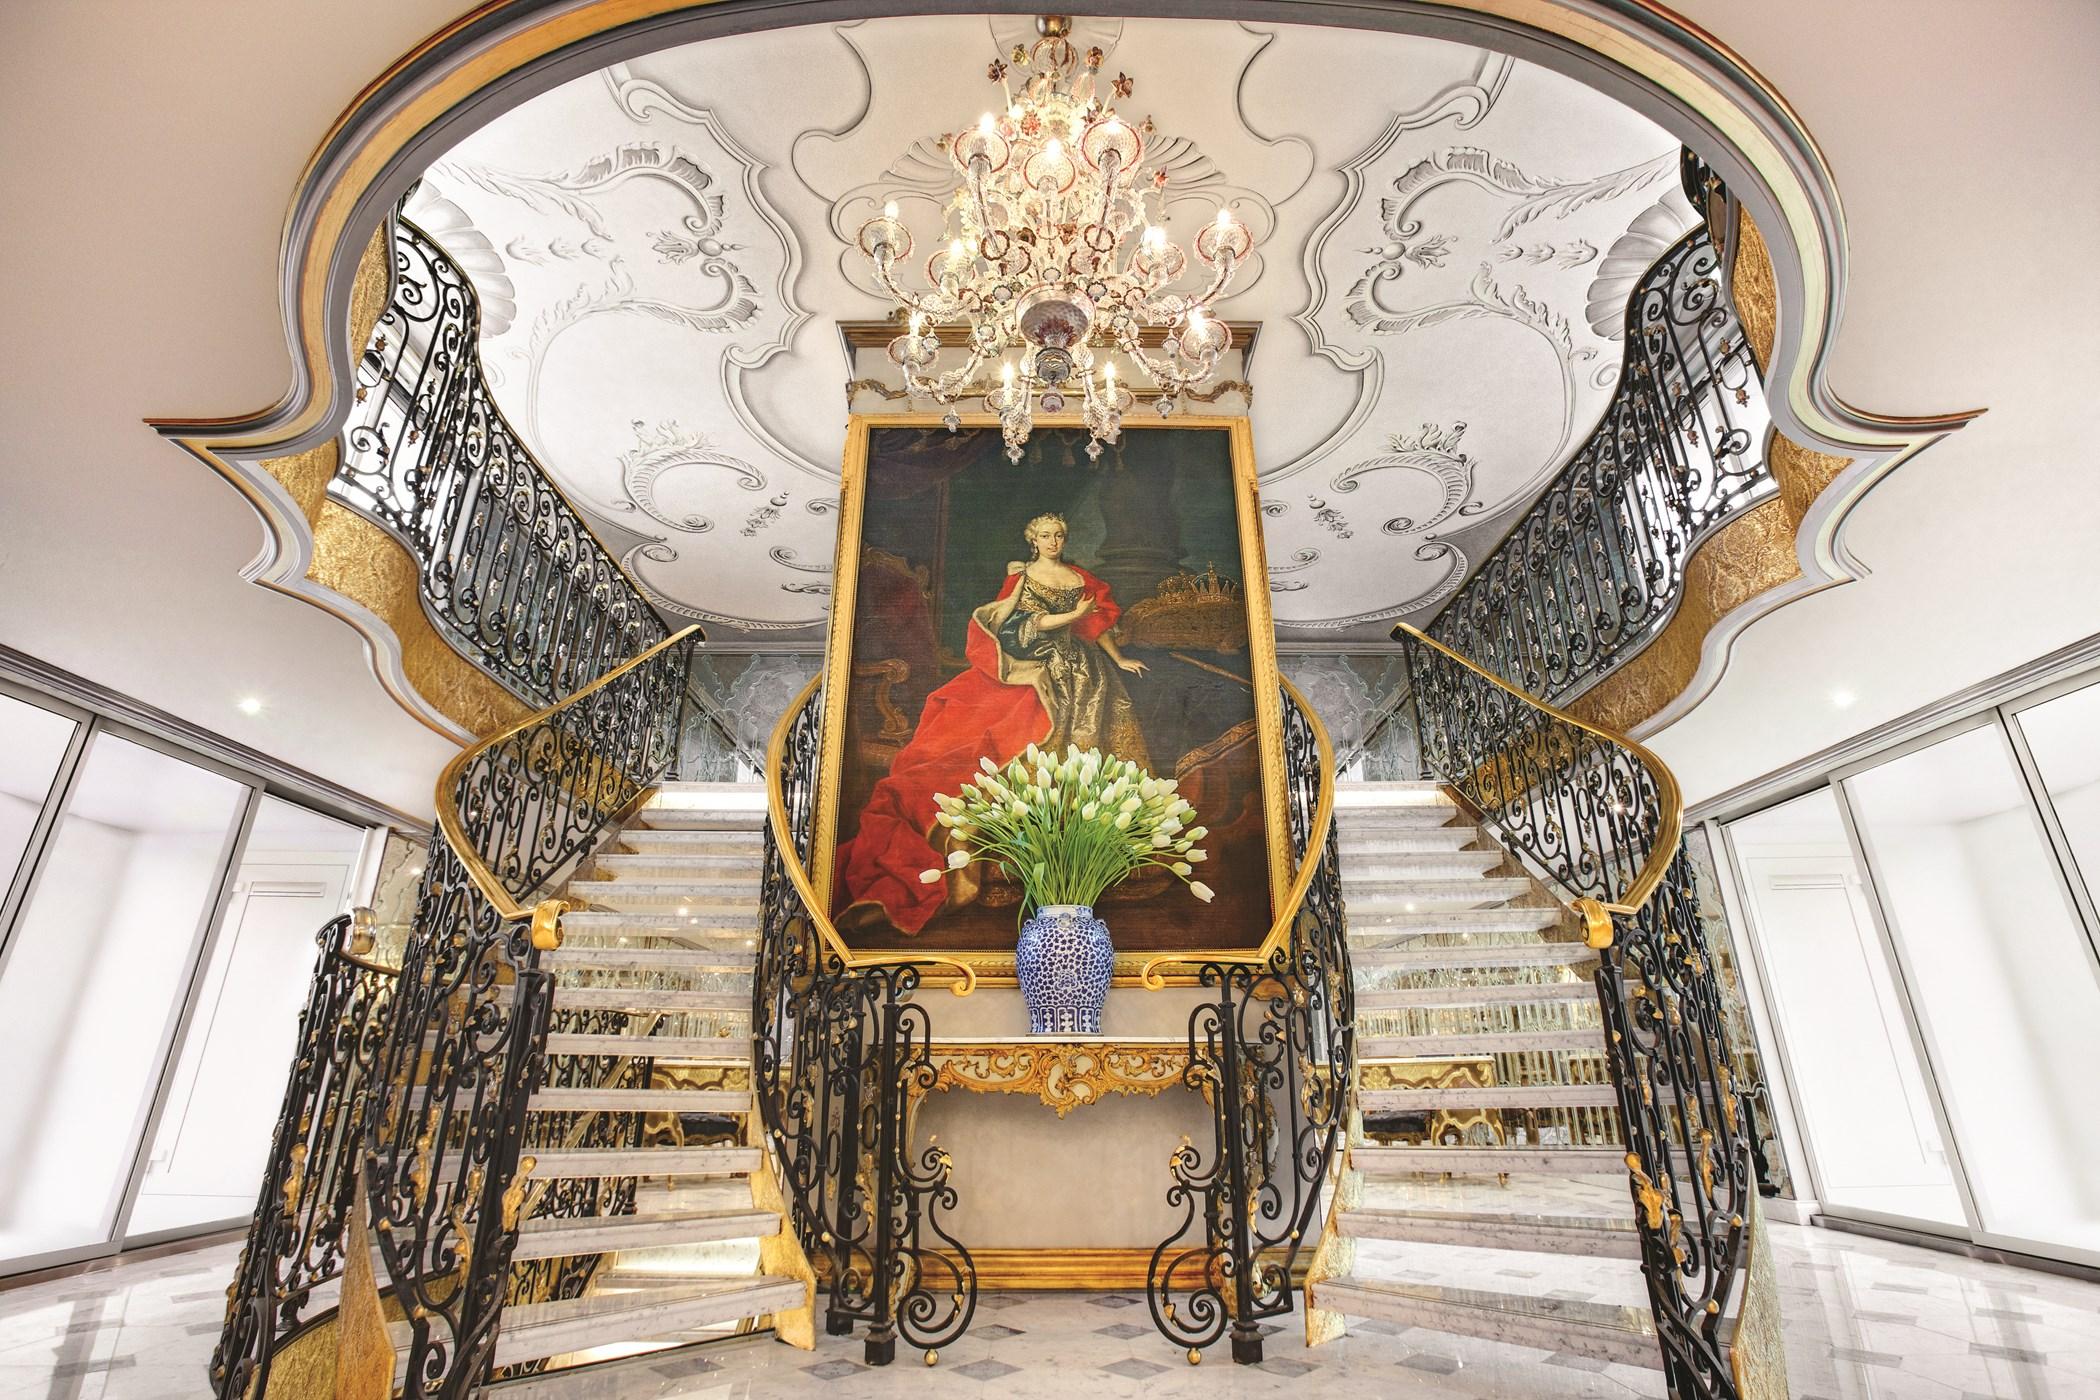 Uniworld's S.S. Maria Theresa Lobby